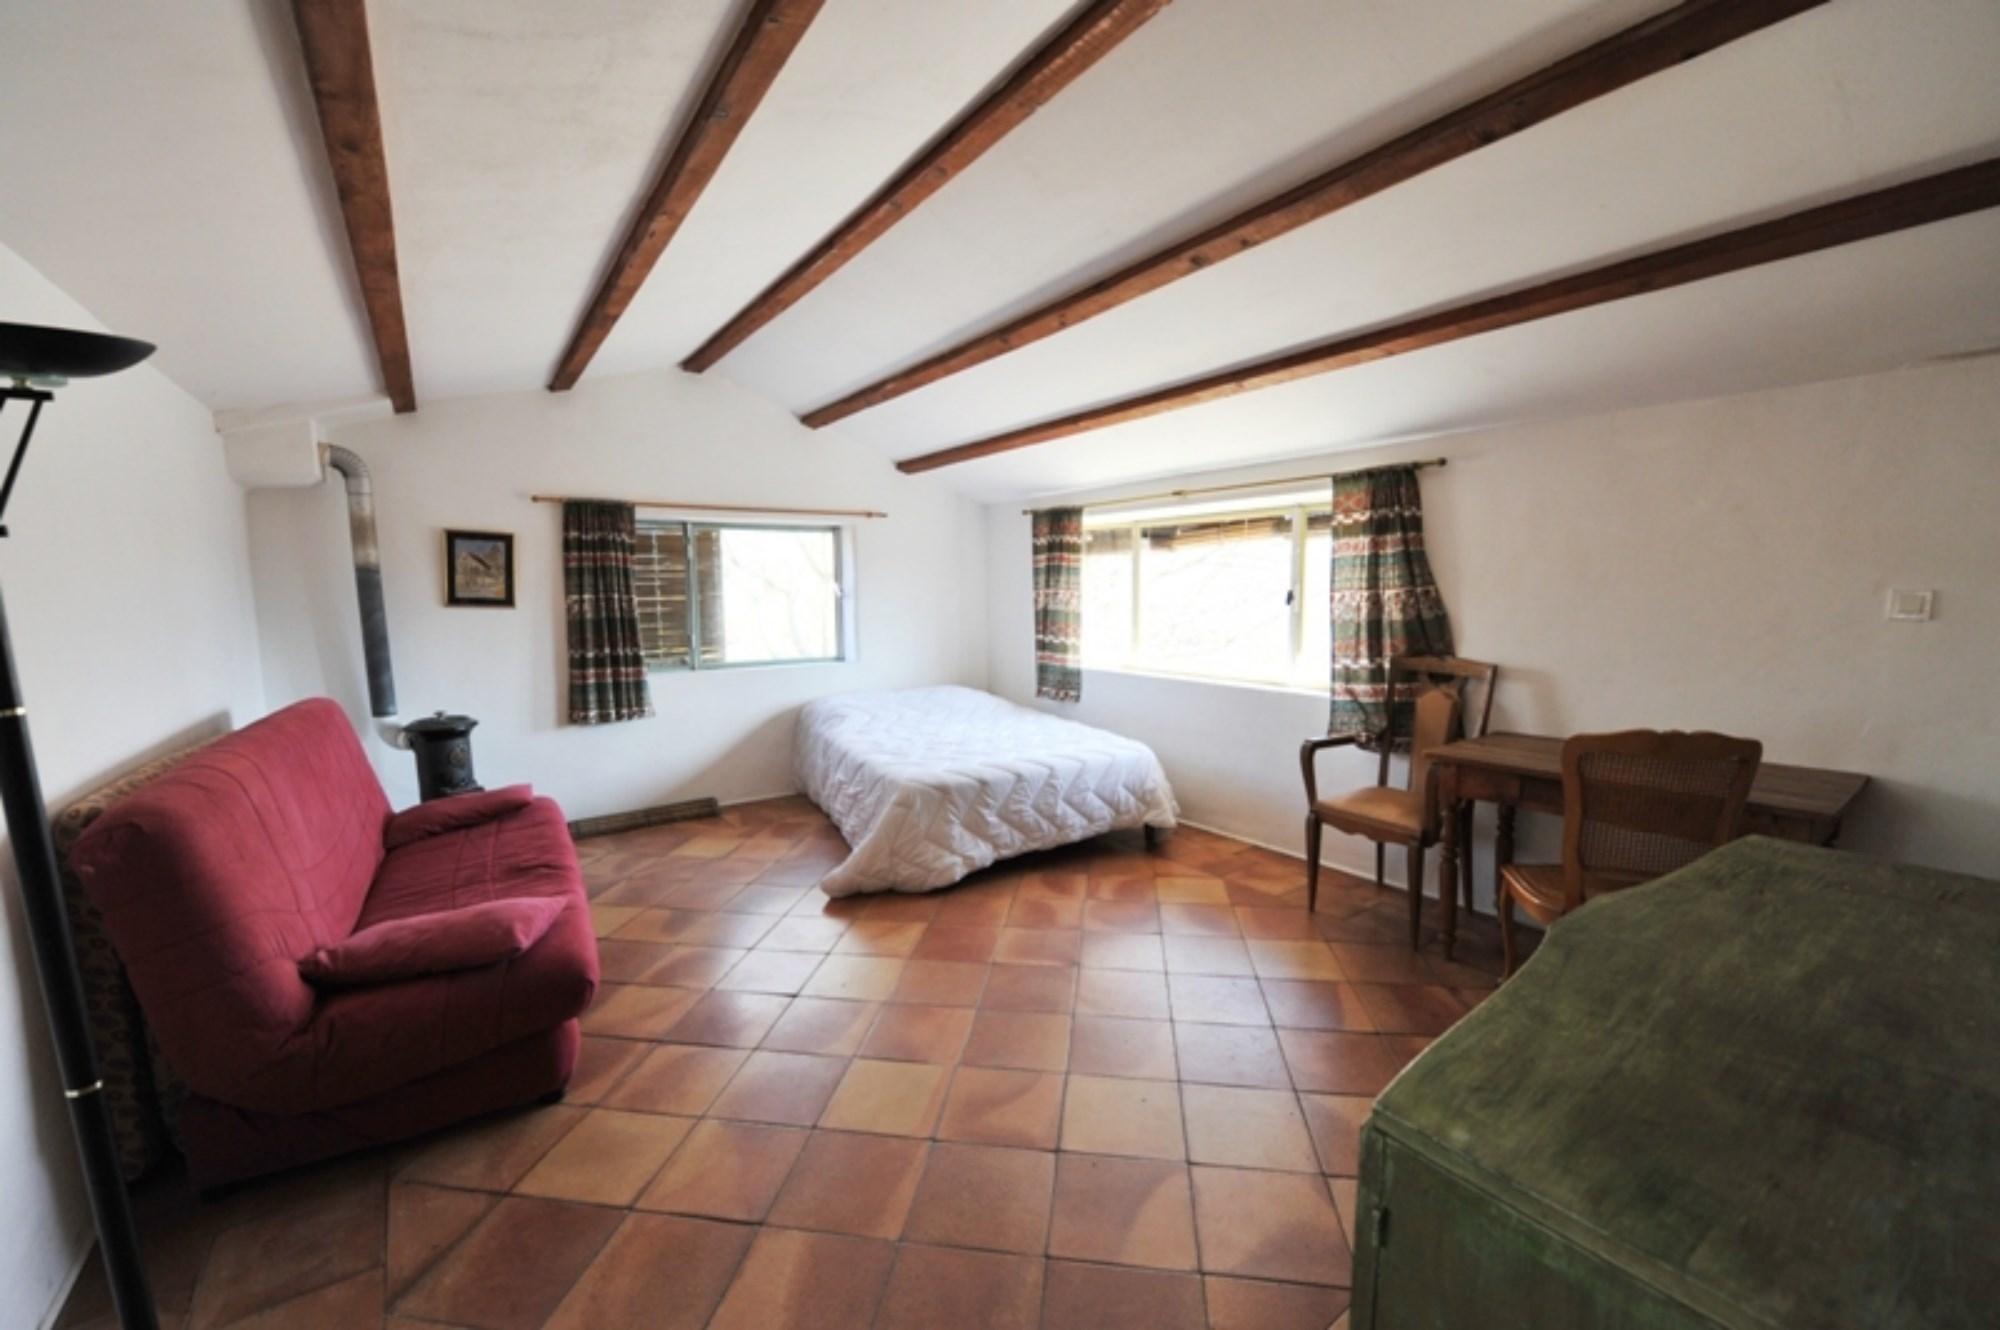 En vente,  Luberon, beau mazet provençal à rénover,  sur 16 000 m² de terrain